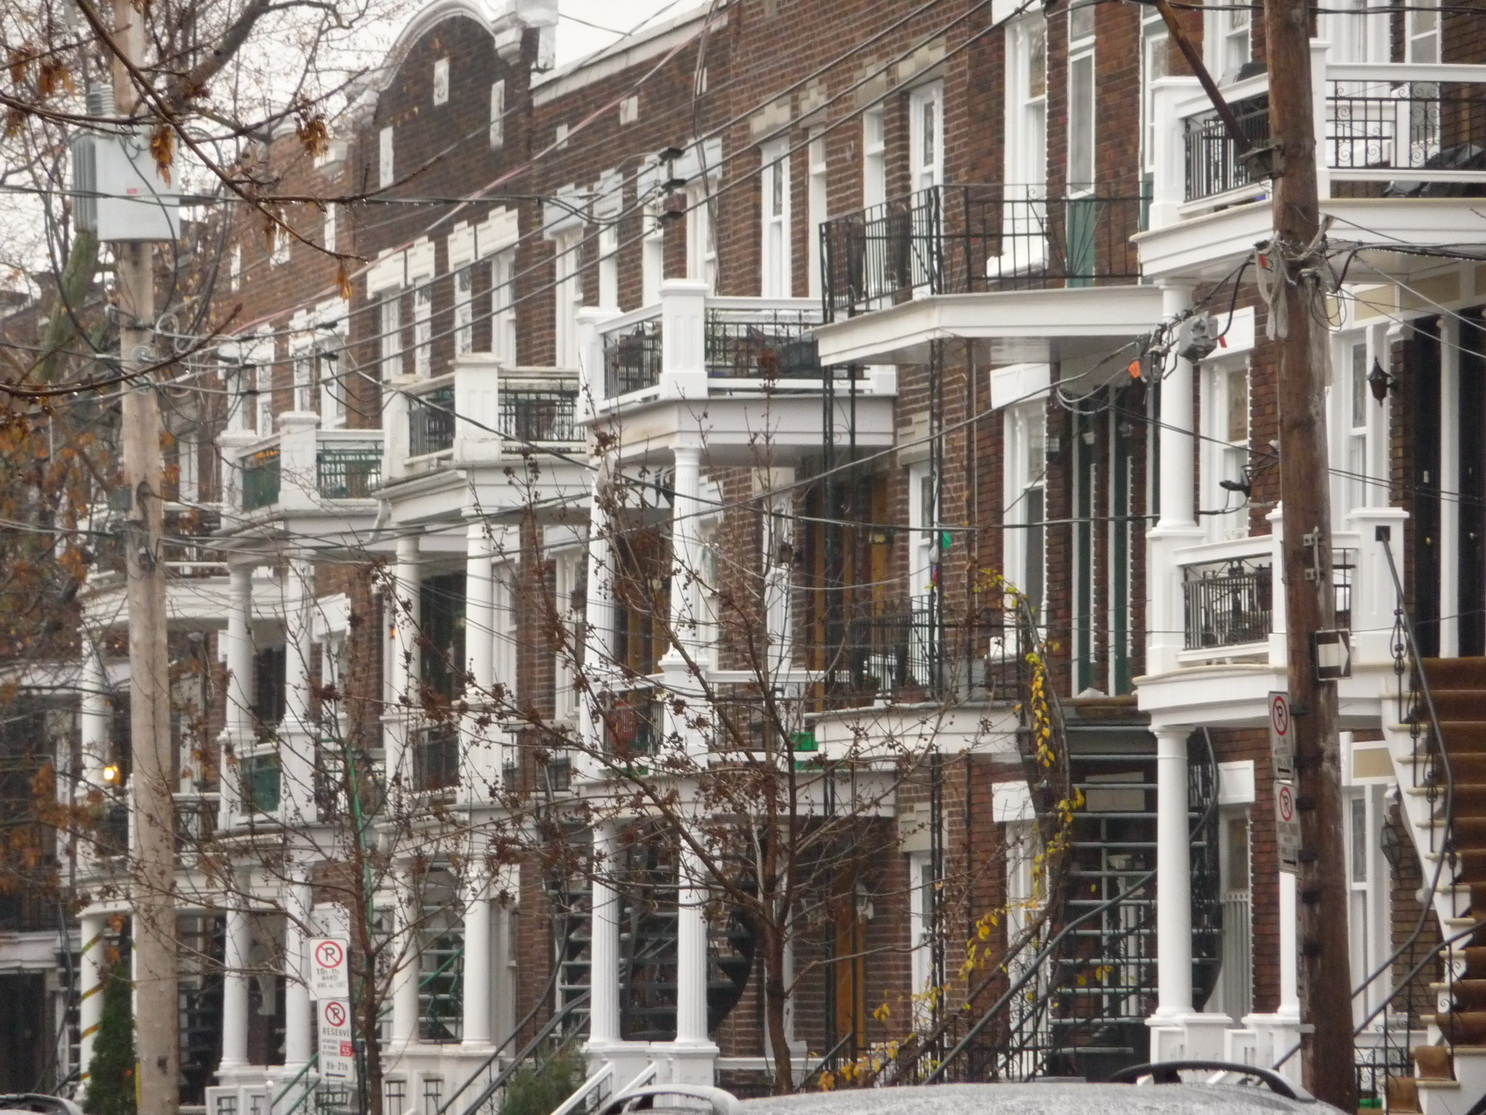 Les escaliers de montr al un d tour oblig les beaut s for A la maison de pierre et dominique montreal